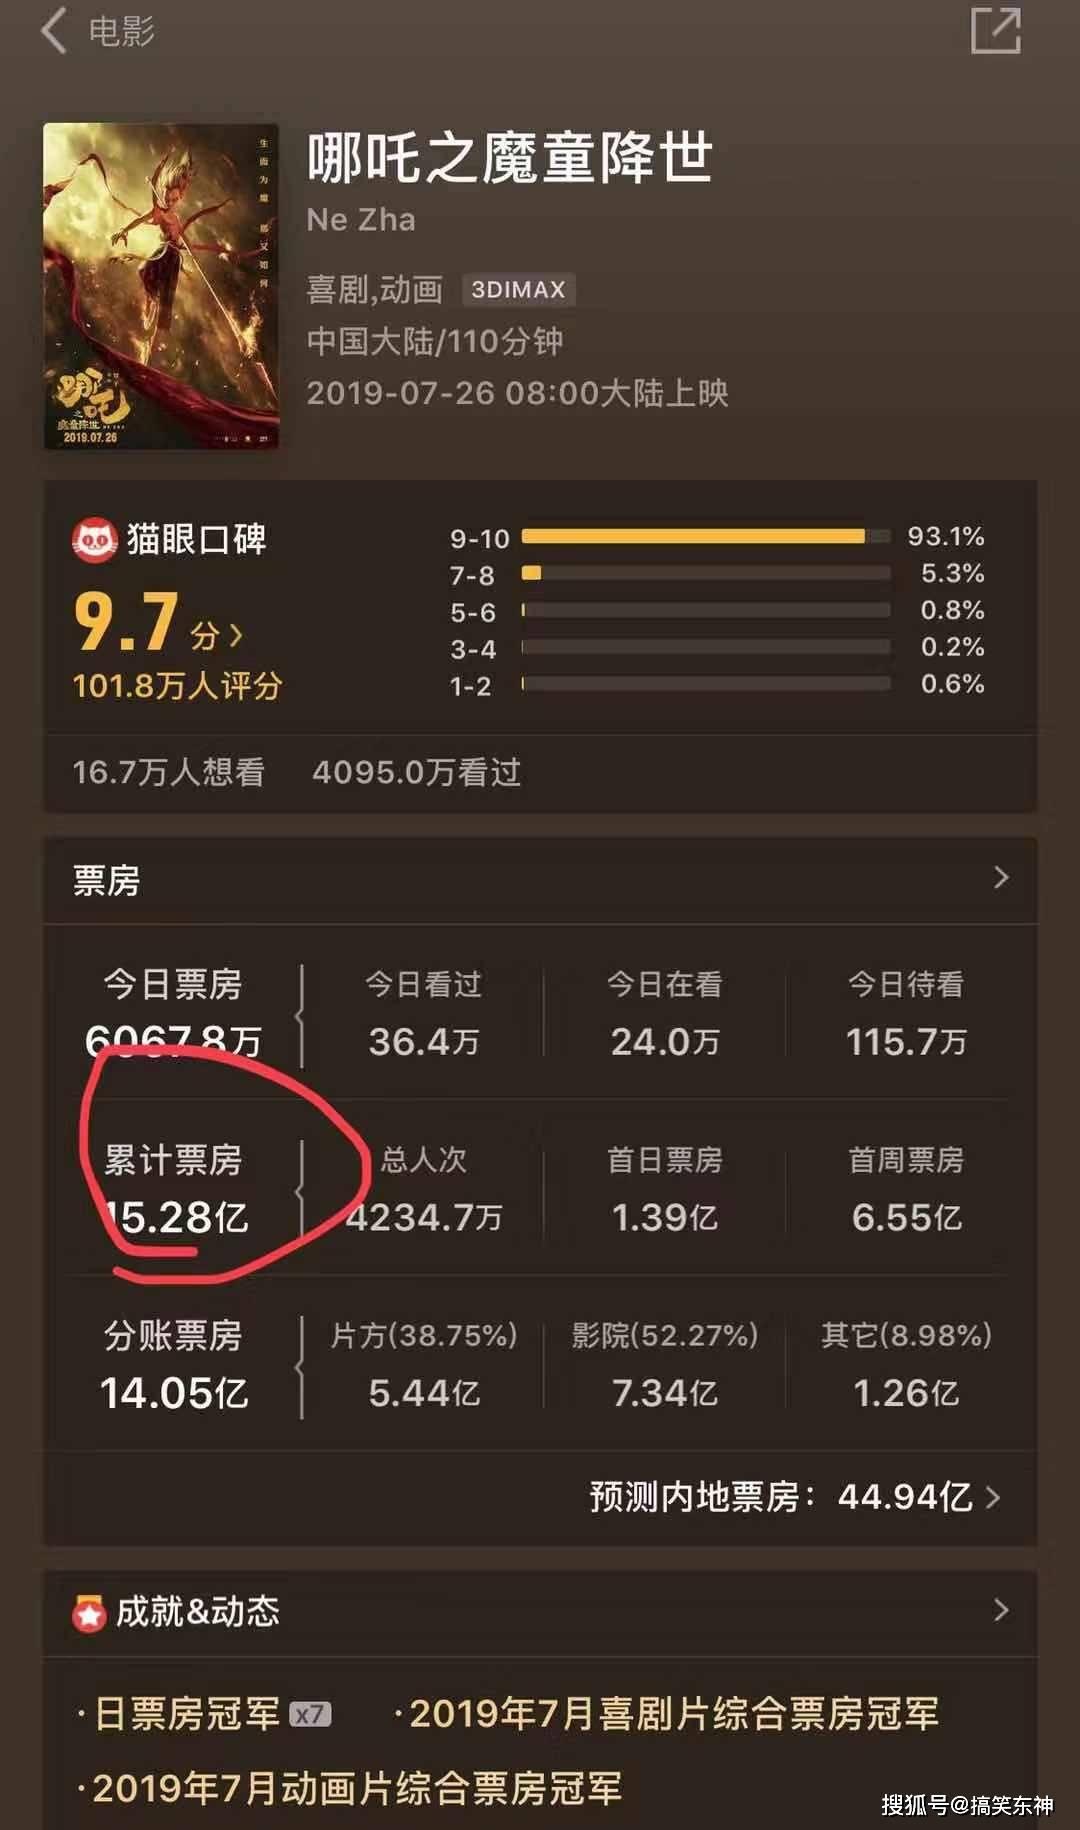 《哪吒》票房超《瘋狂動物城》,位列中國影史動畫電影票房第一